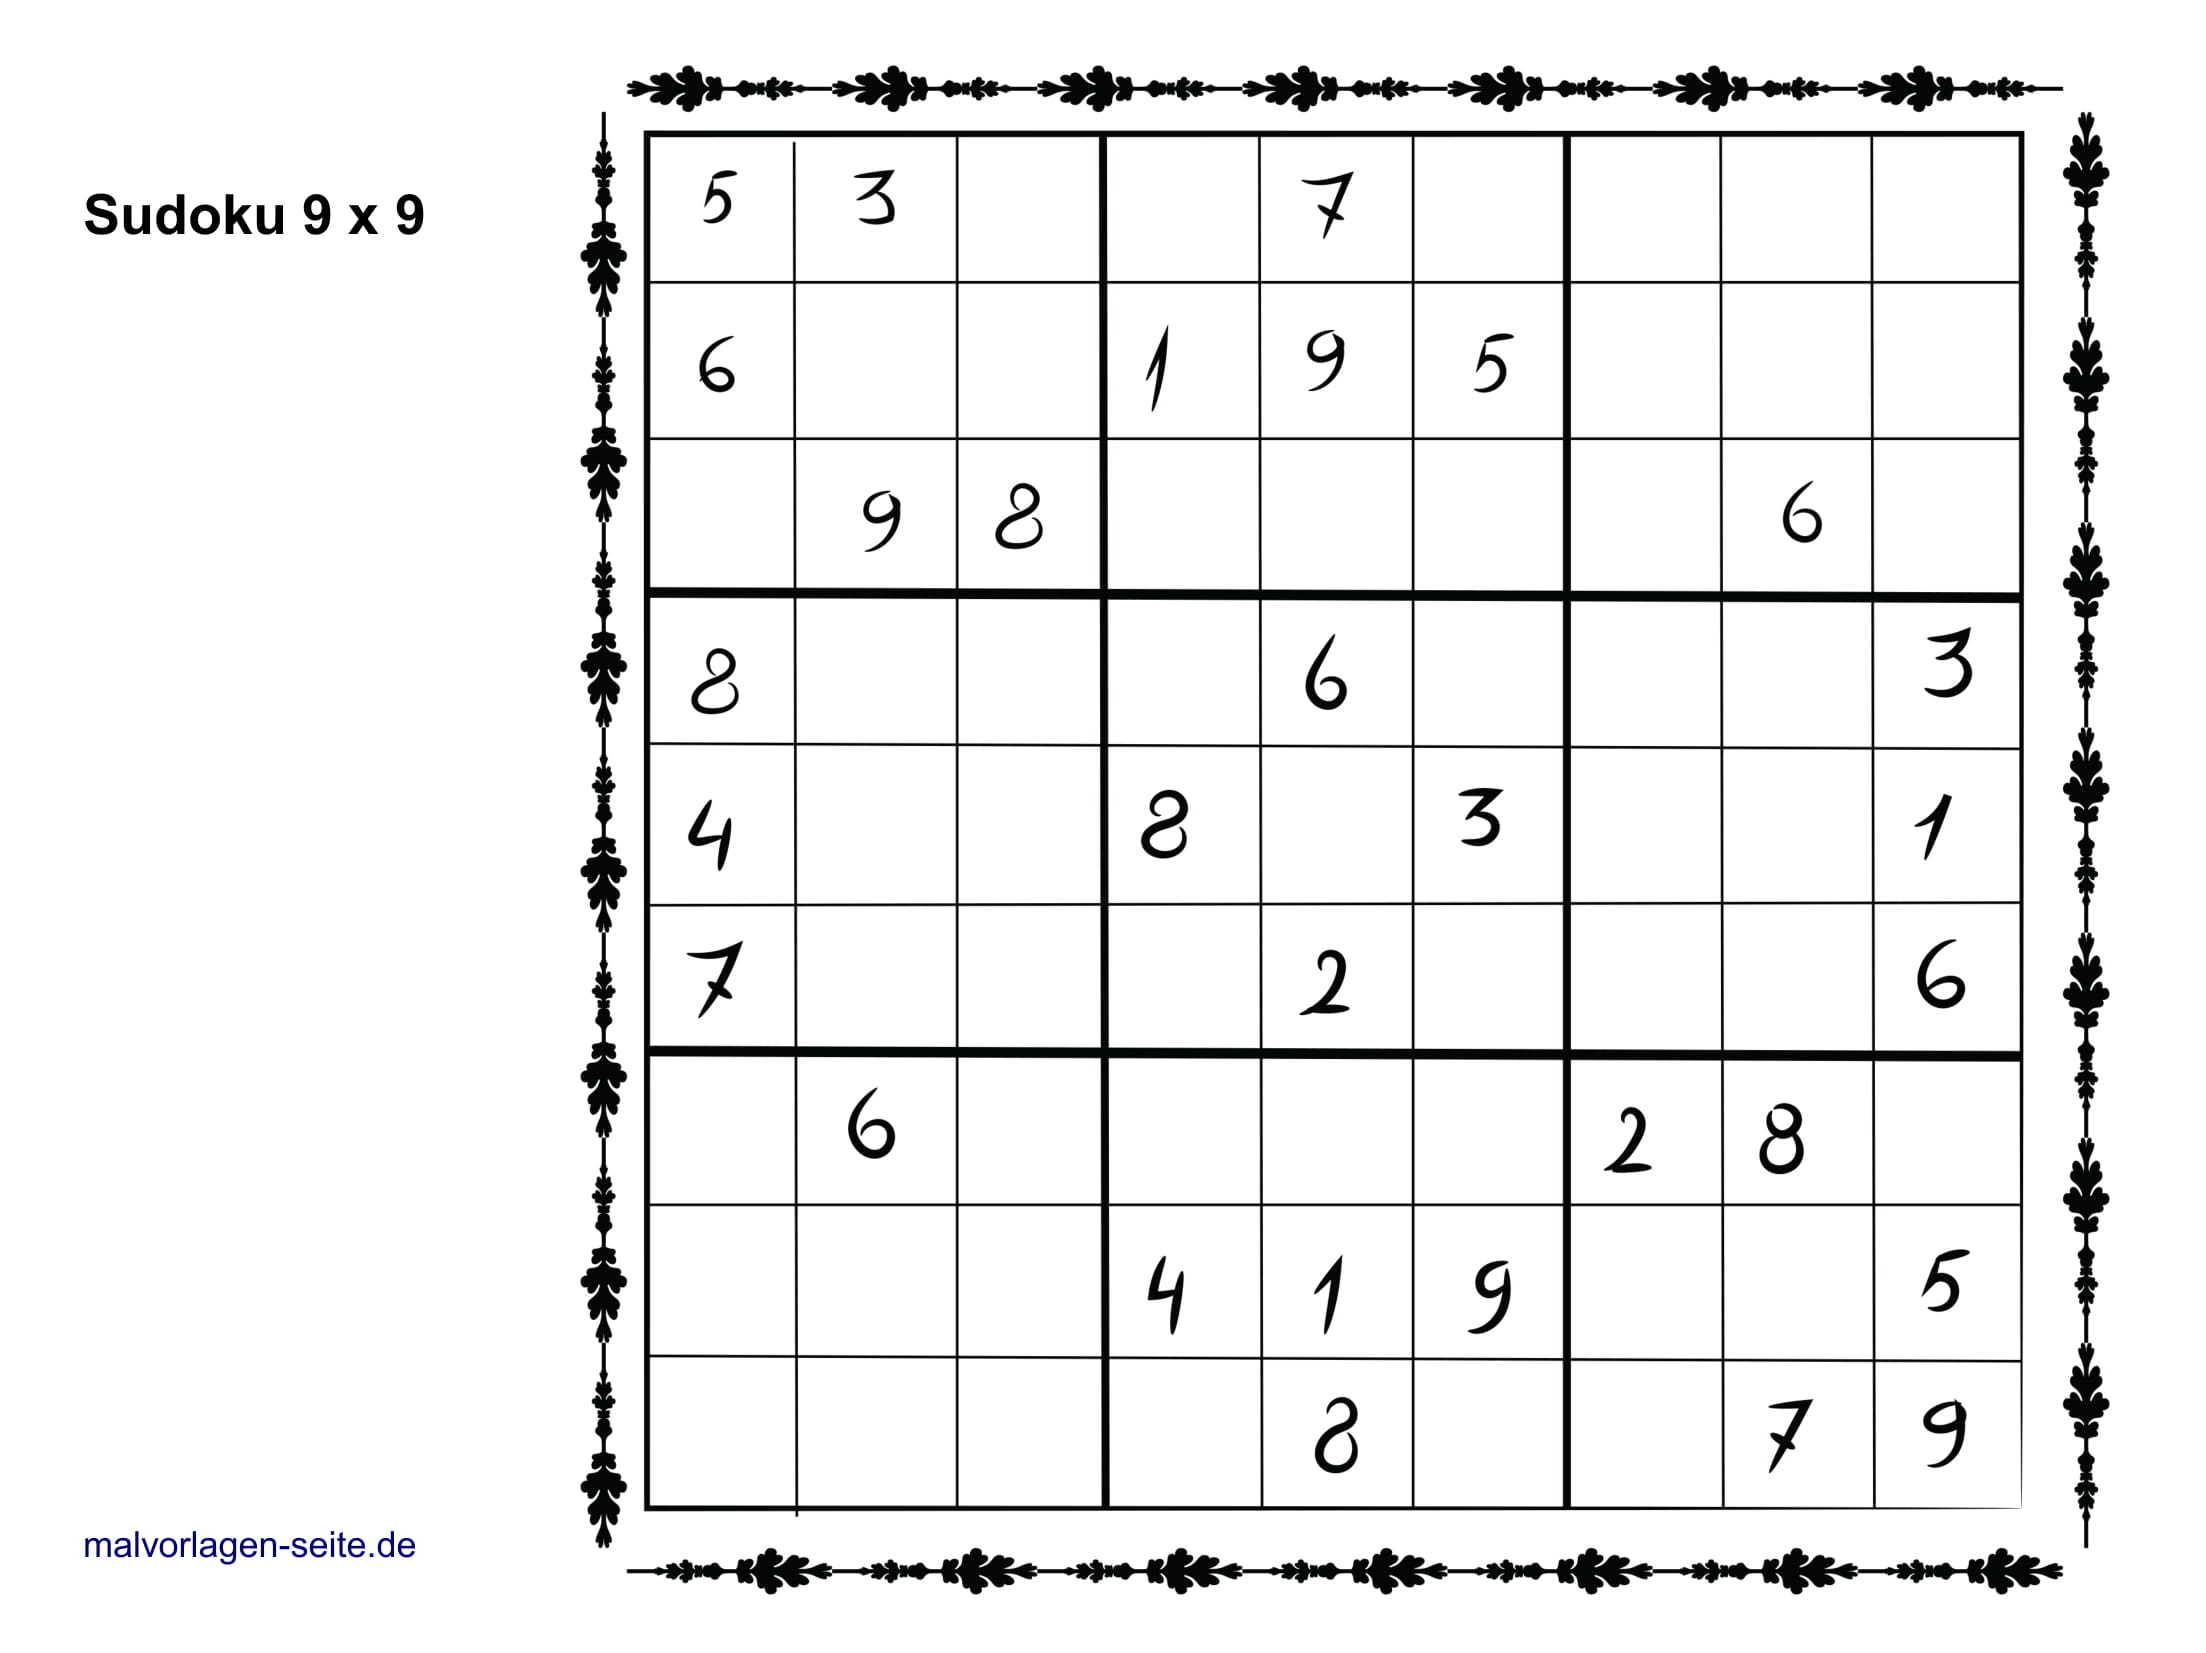 Sudoku Vorlagen 9X9 Einfach - Sudoku Vorlagen Kostenlos ganzes Sudoku Kostenlos Ausdrucken